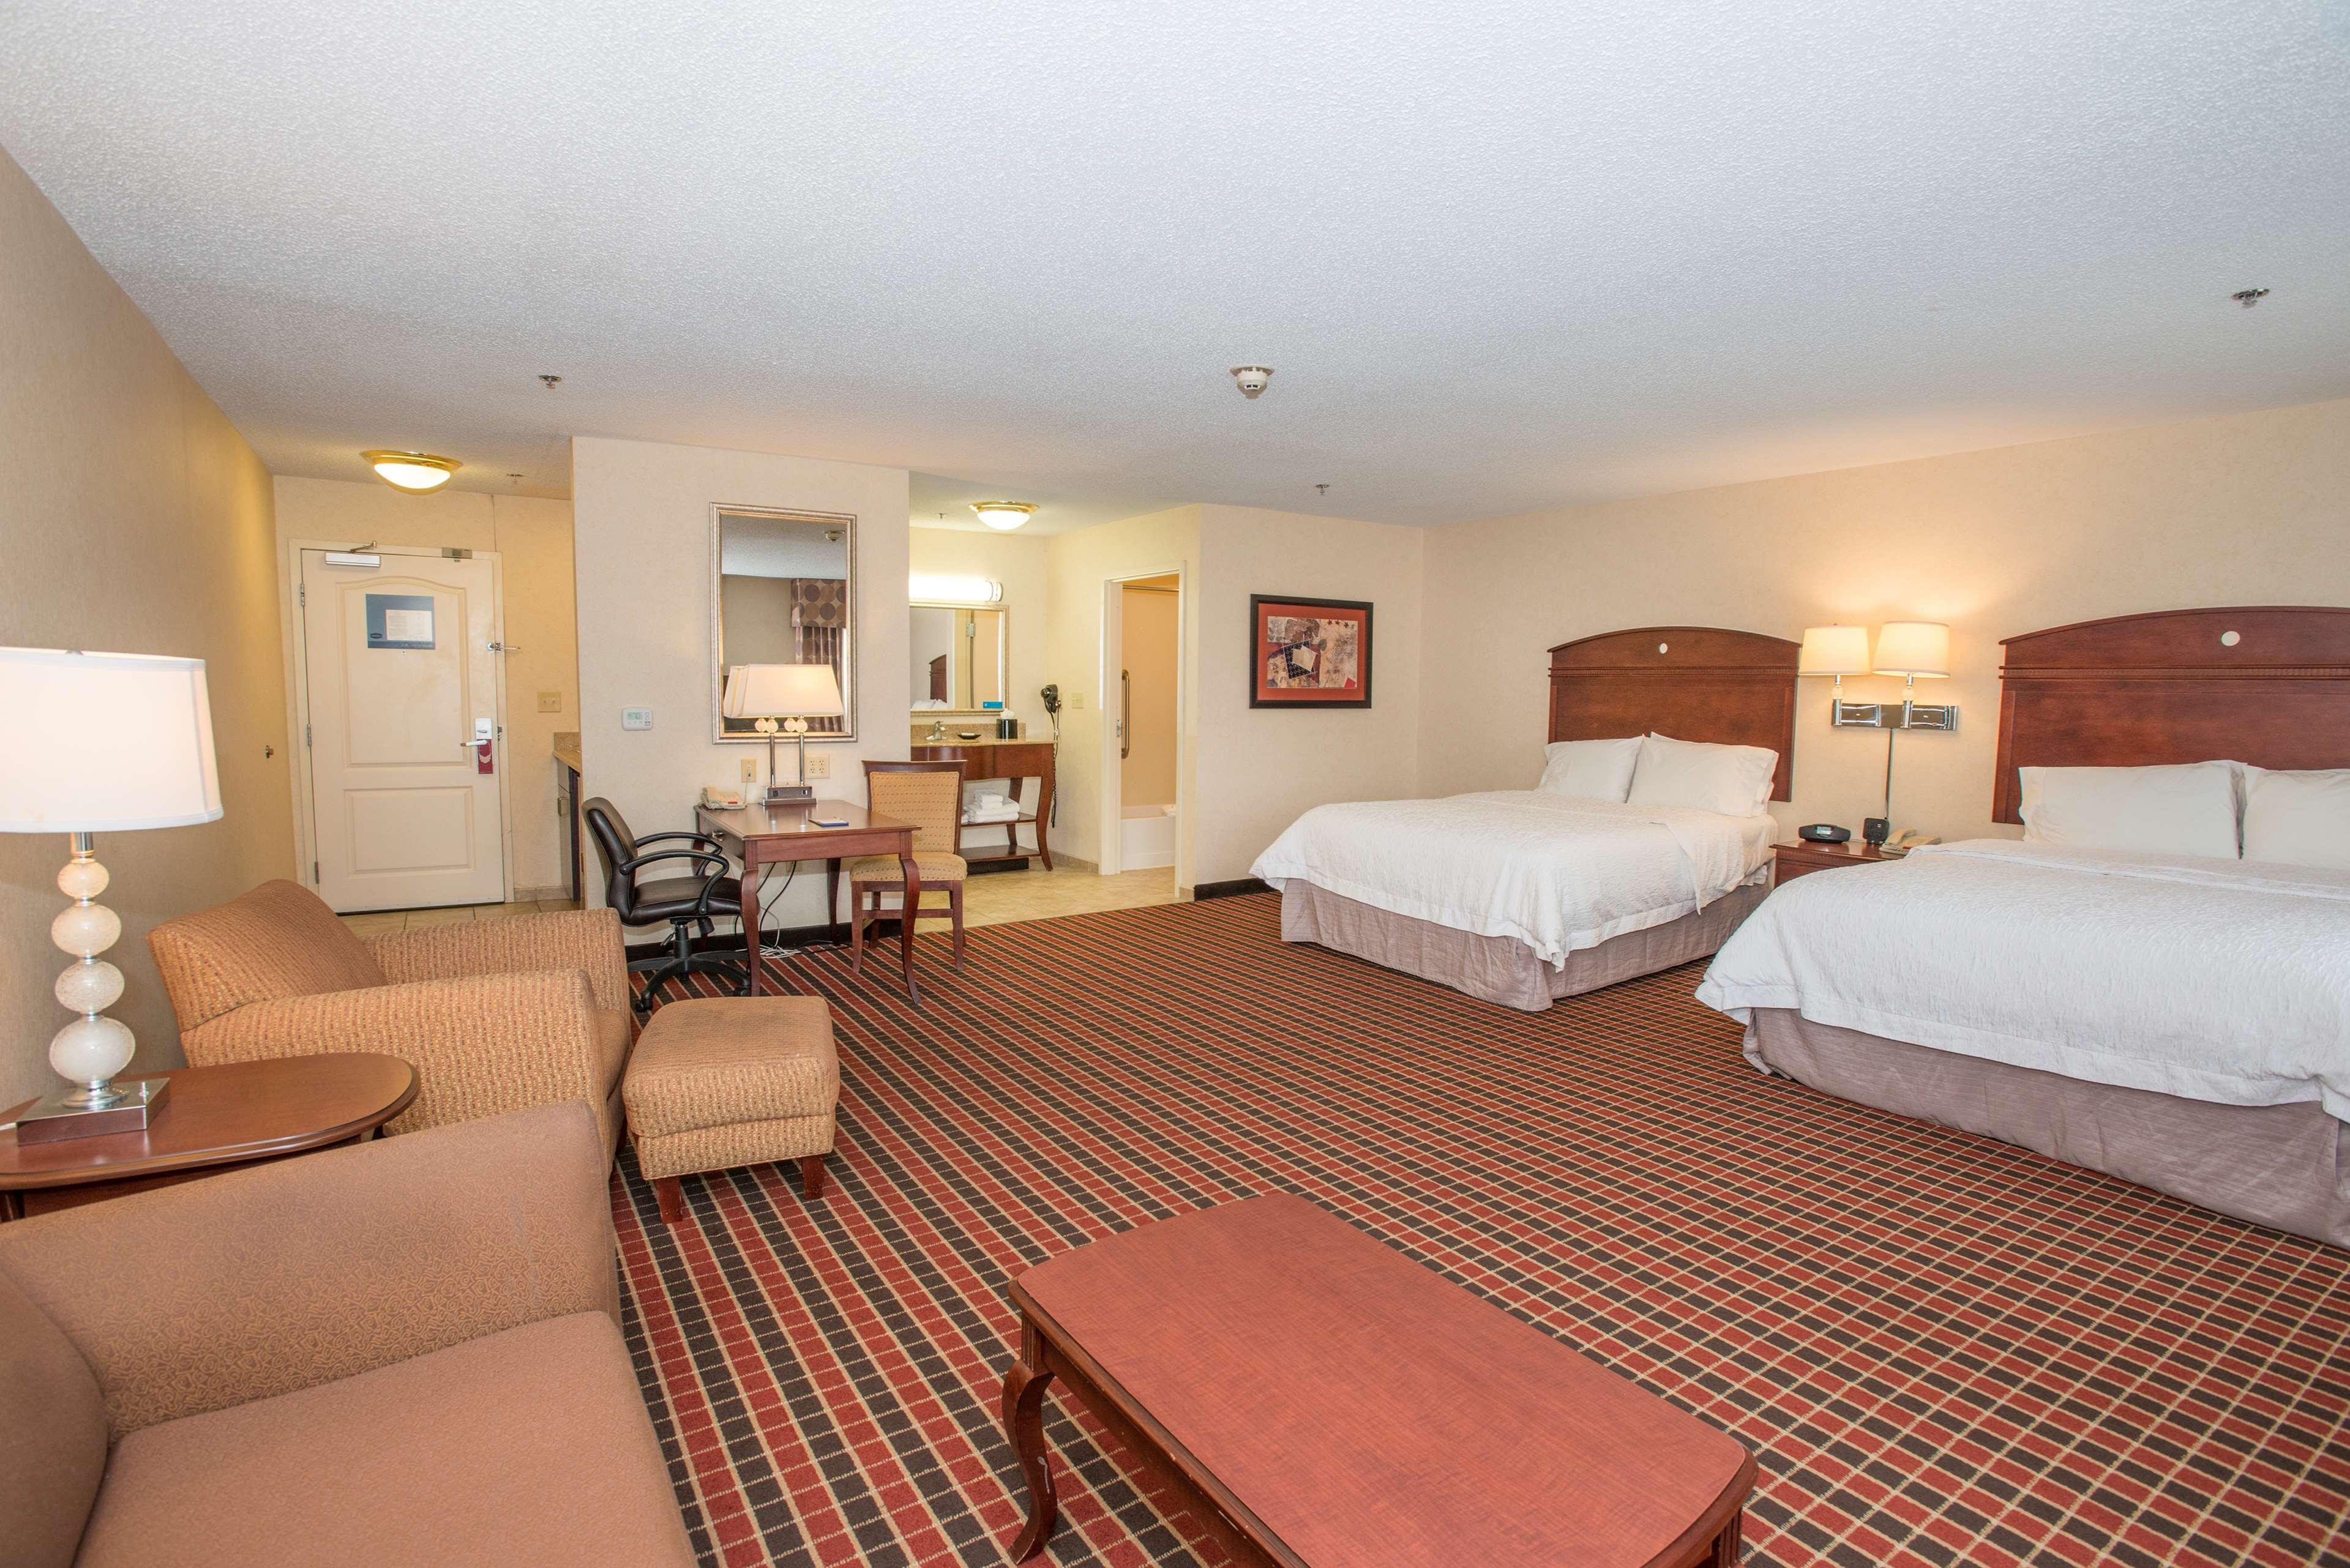 Hampton Inn & Suites Dayton-Airport image 20